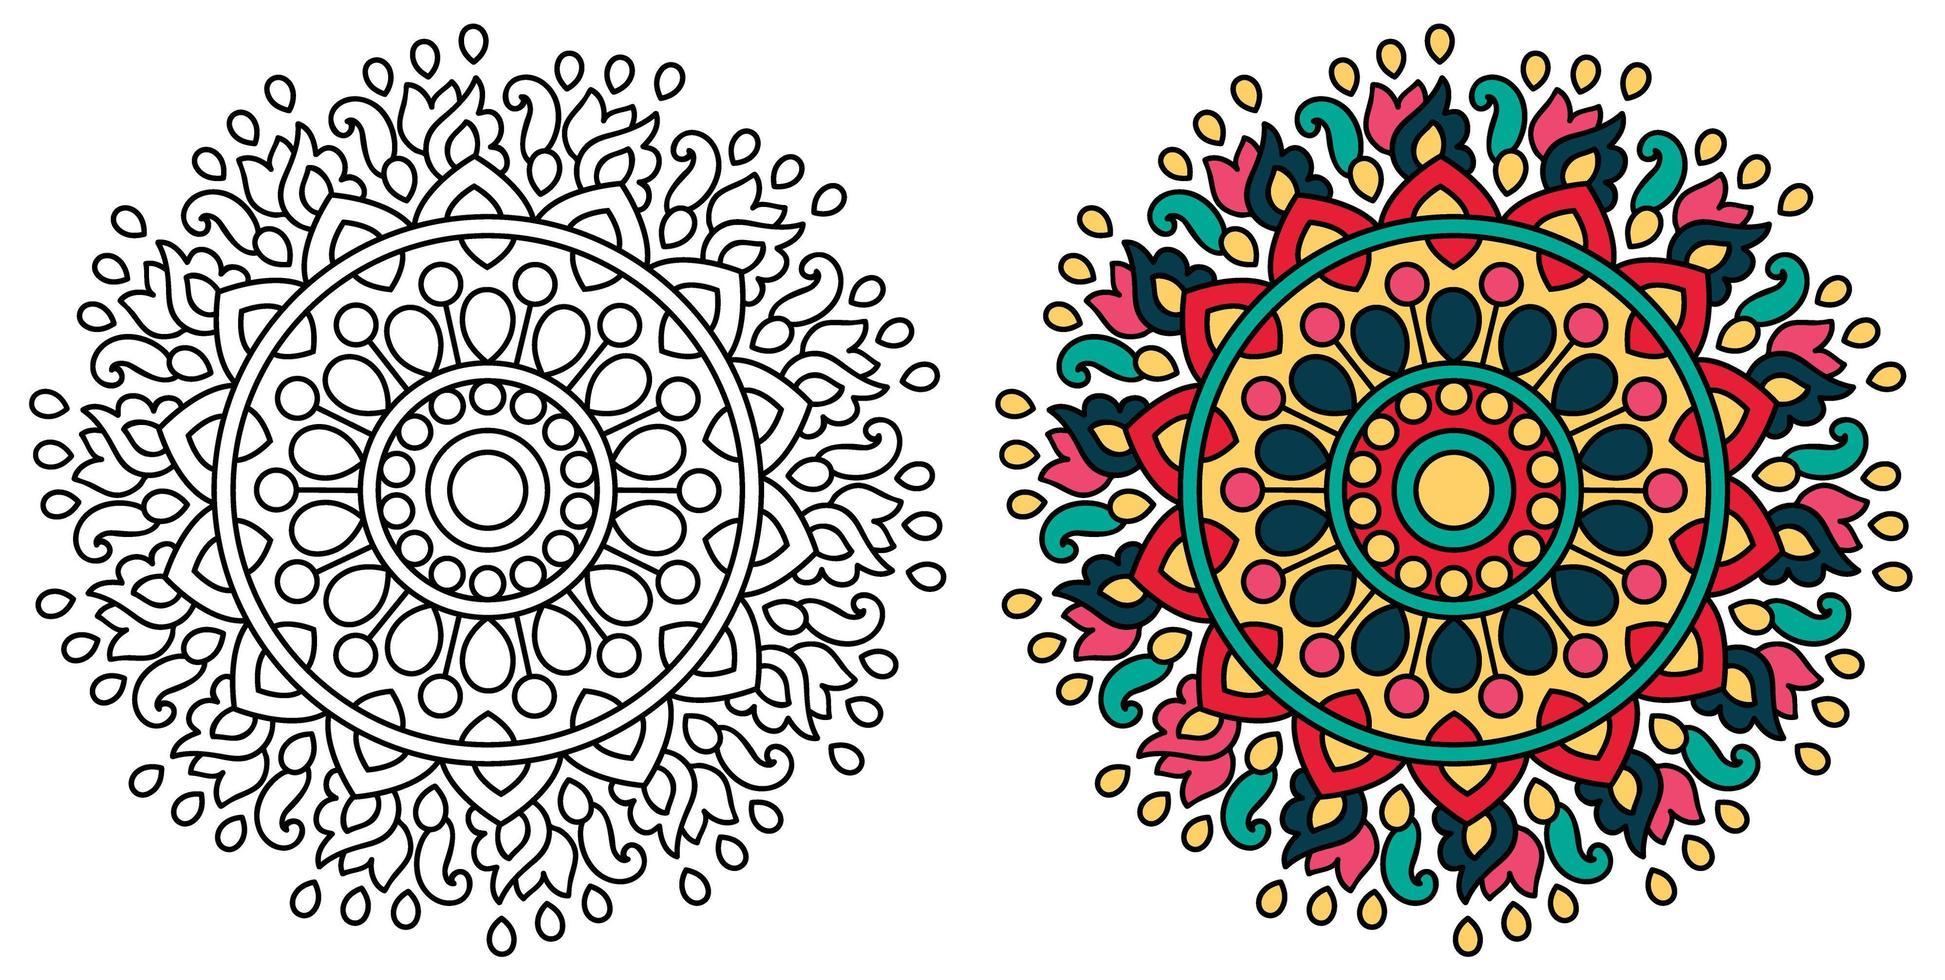 Disegni Da Colorare Di Mandala Da Colorare 1781687 Scarica Immagini Vettoriali Gratis Grafica Vettoriale E Disegno Modelli